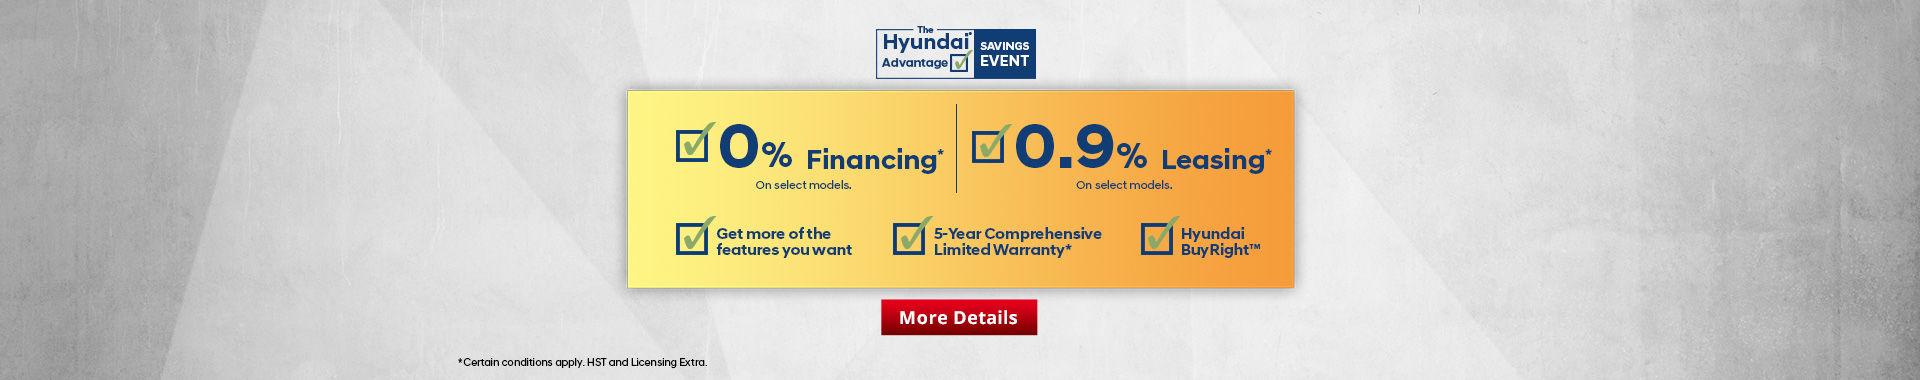 Hyundai Event